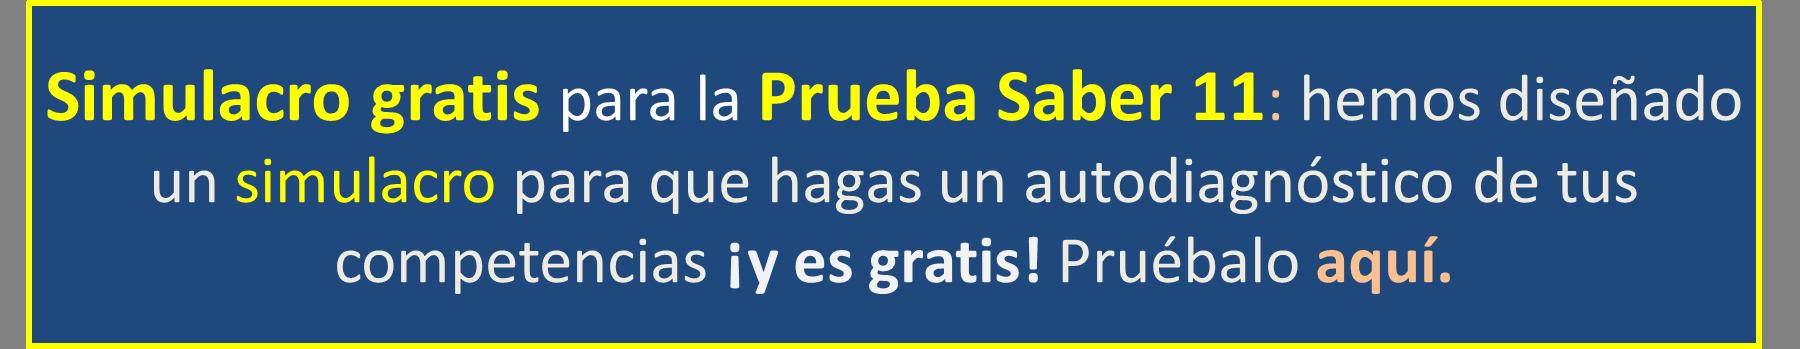 simulacro-saber-11-gratis-icfes-4.png